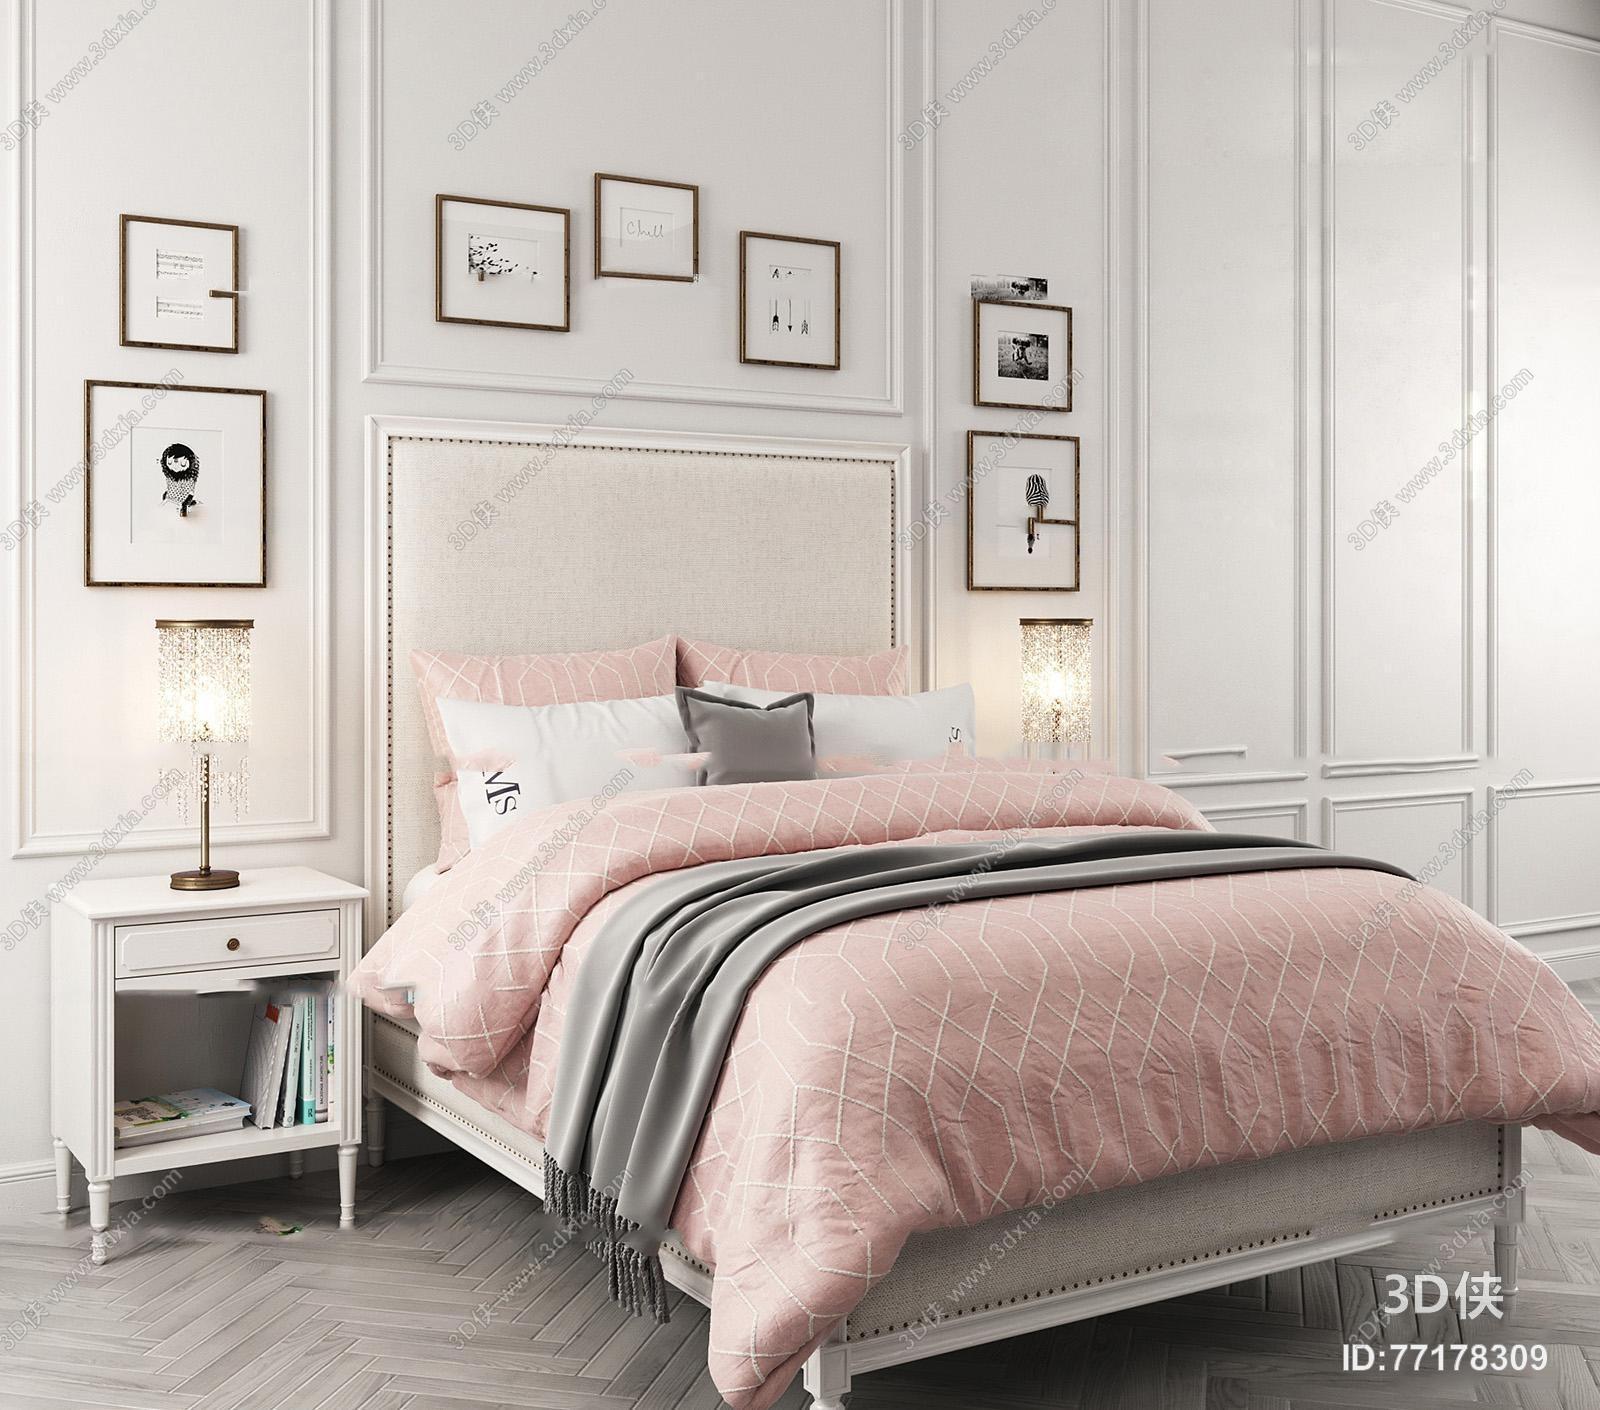 简欧布艺双人床床头柜台灯装饰画组合3D模型